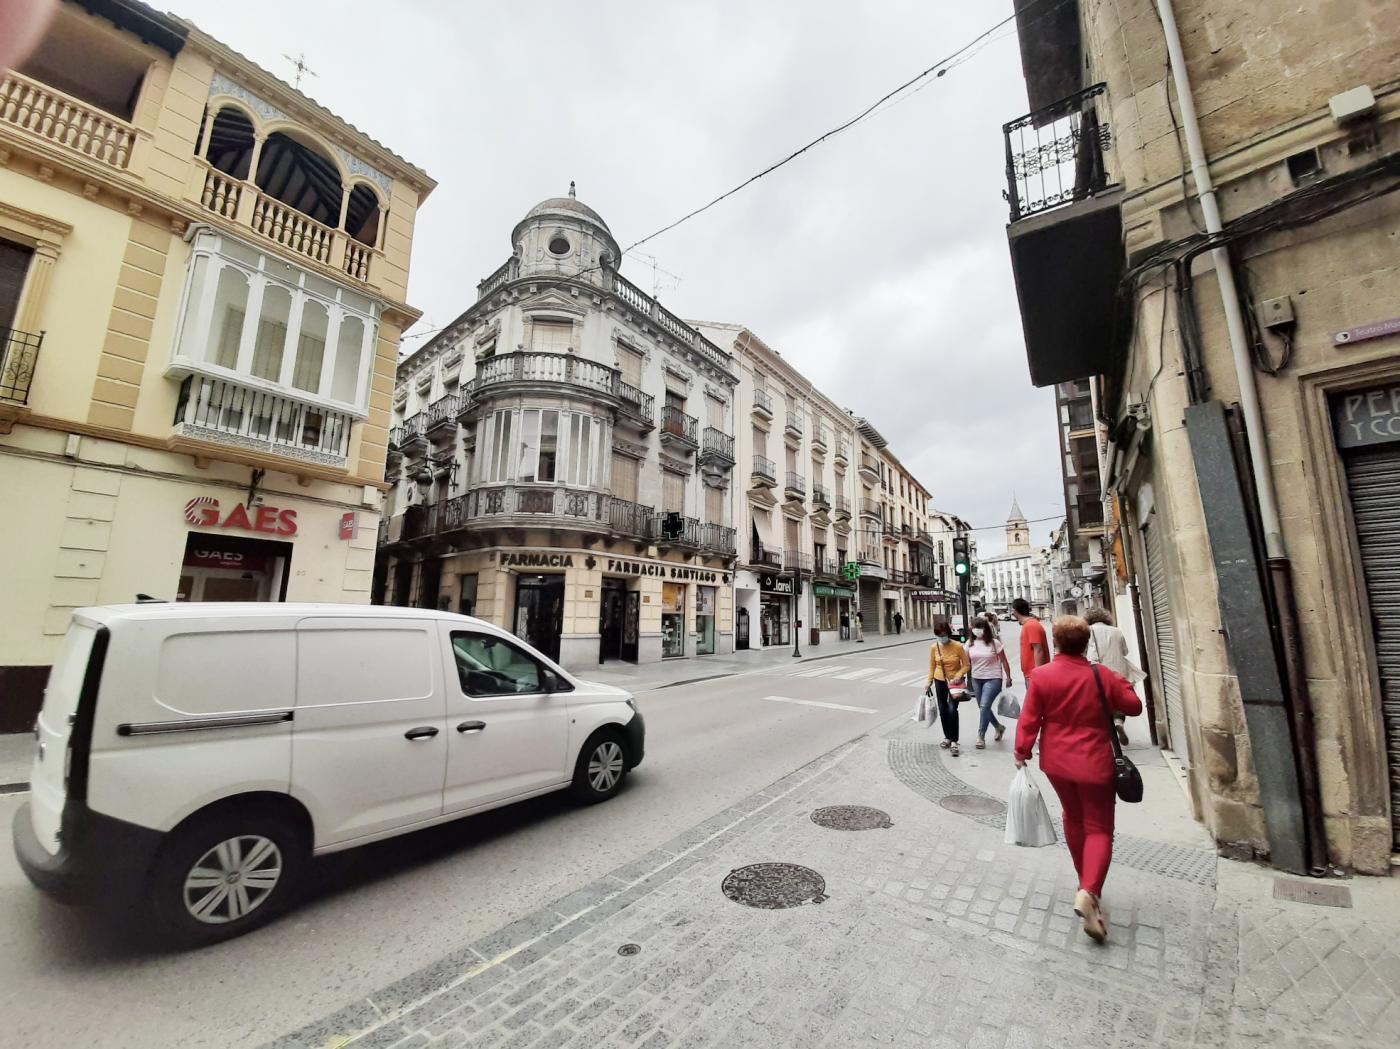 El número de casos activos en Alcalá la Real se reduce a 20; hace un mes rondaban los 200